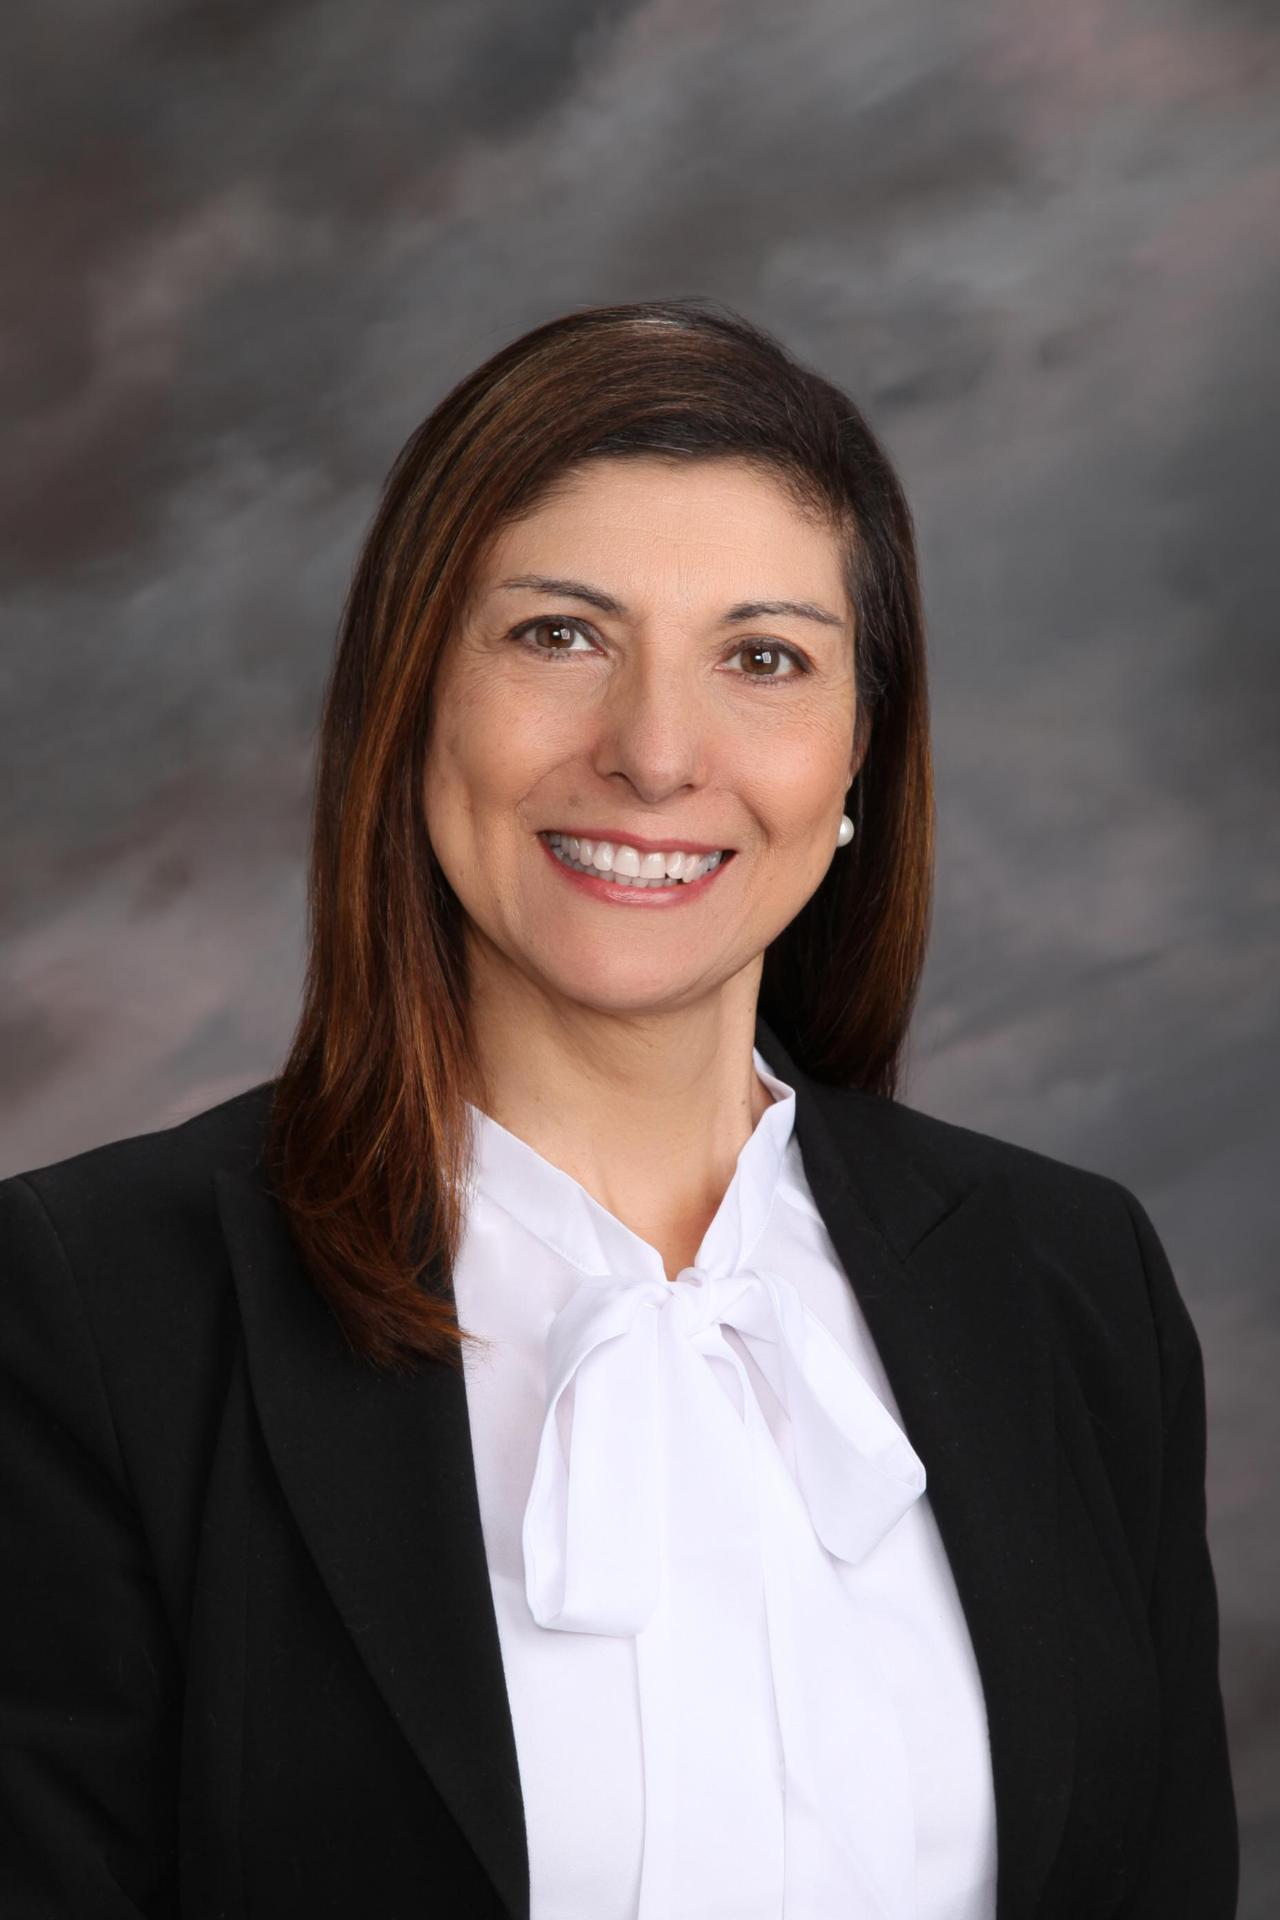 Claudia Balouzian